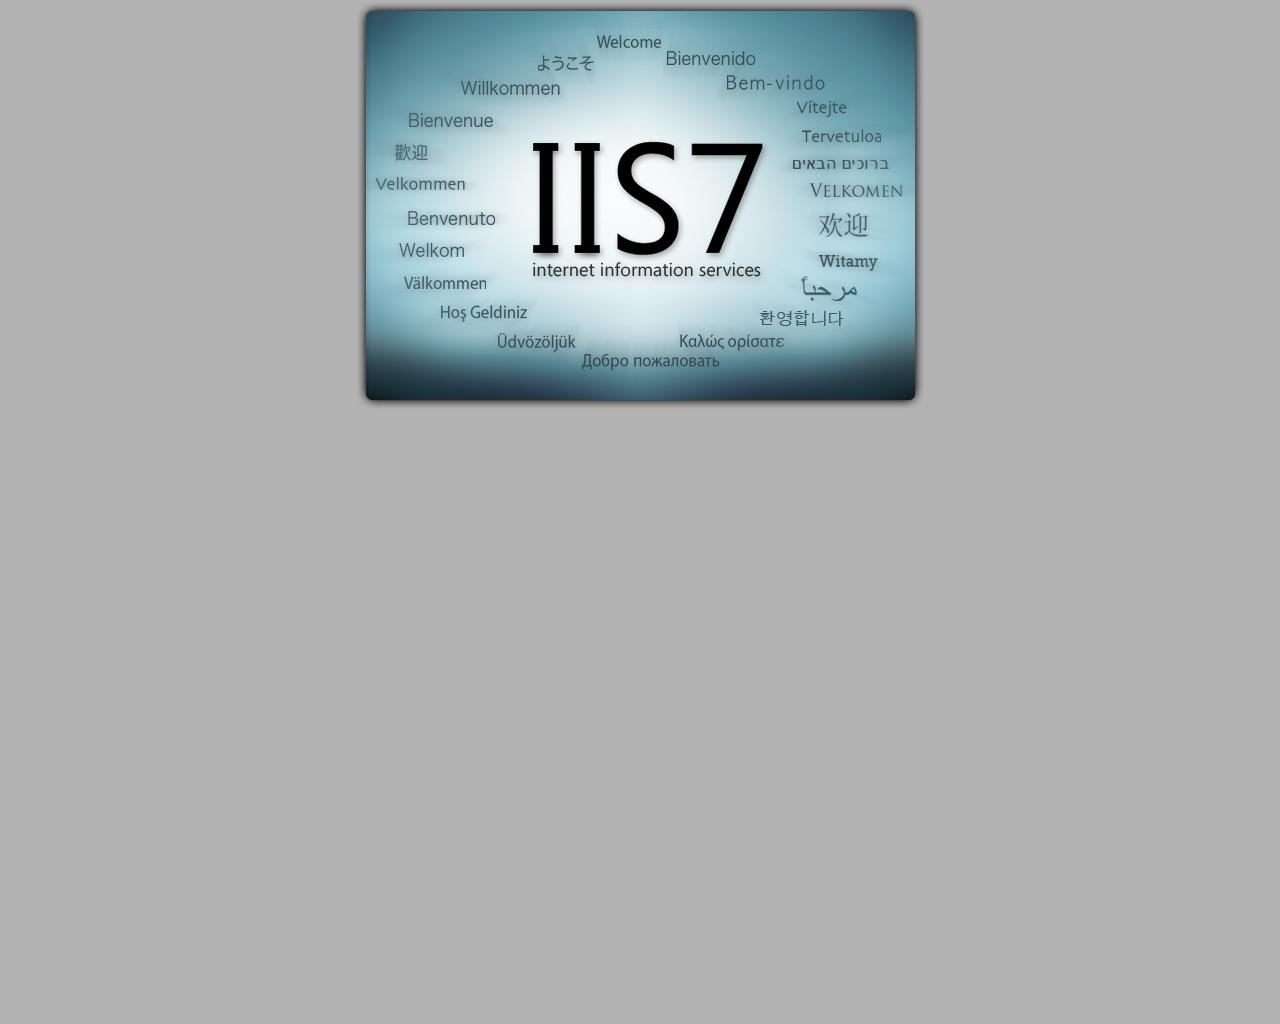 117515.41791 websnapshot